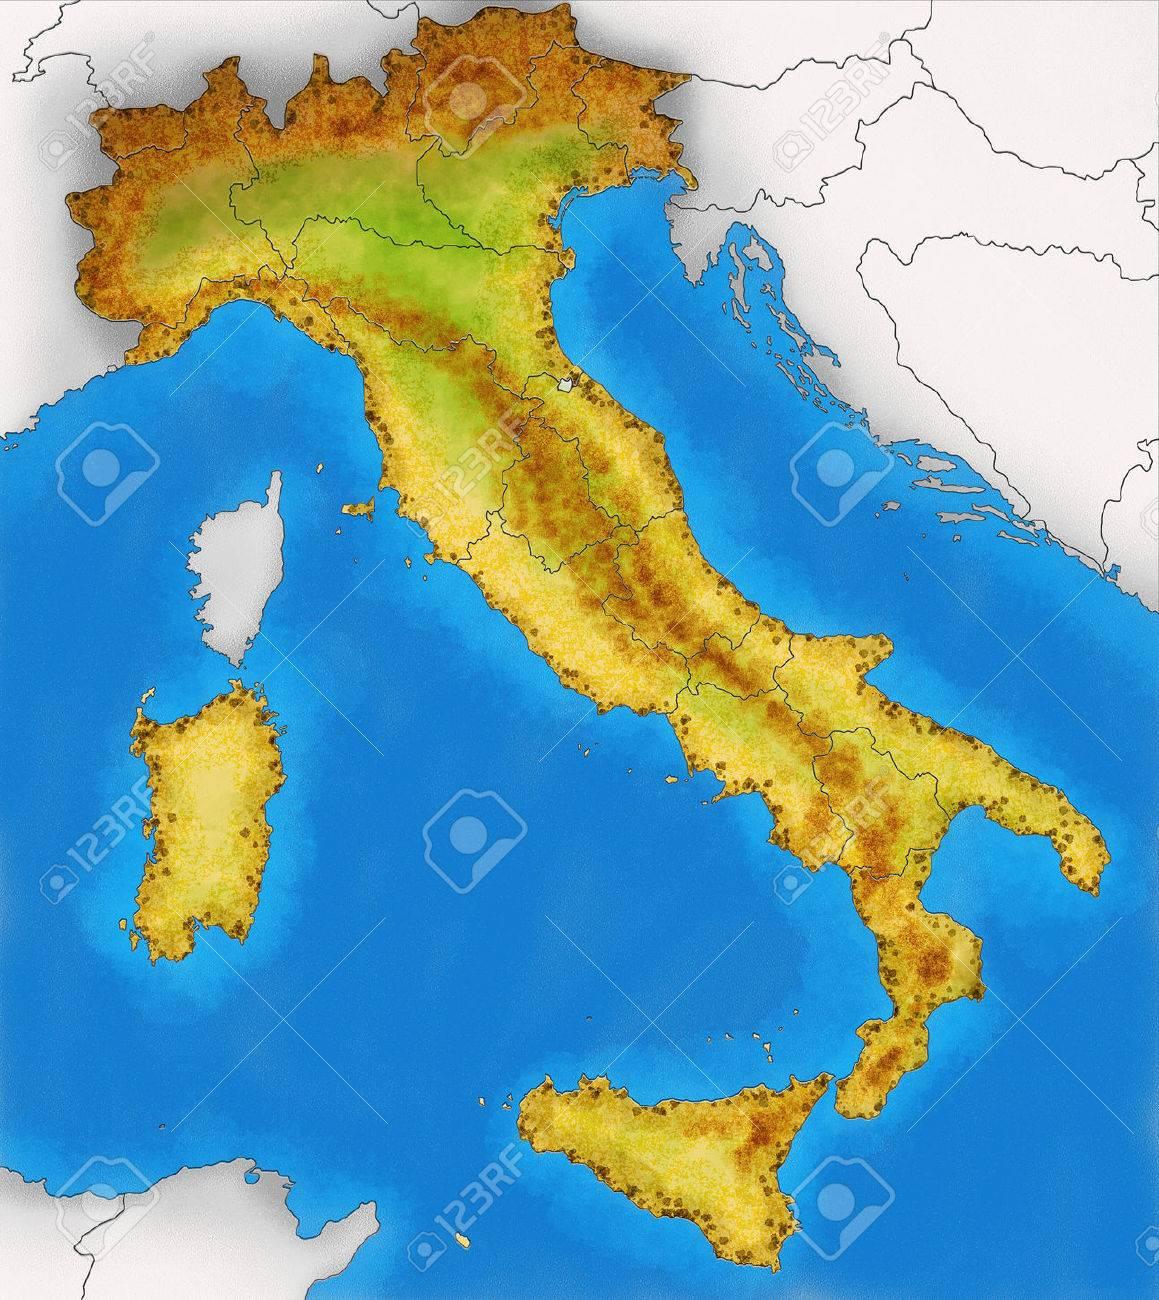 Mapa De Italia Fisico.Mapa Fisico De Italia Ilustracion